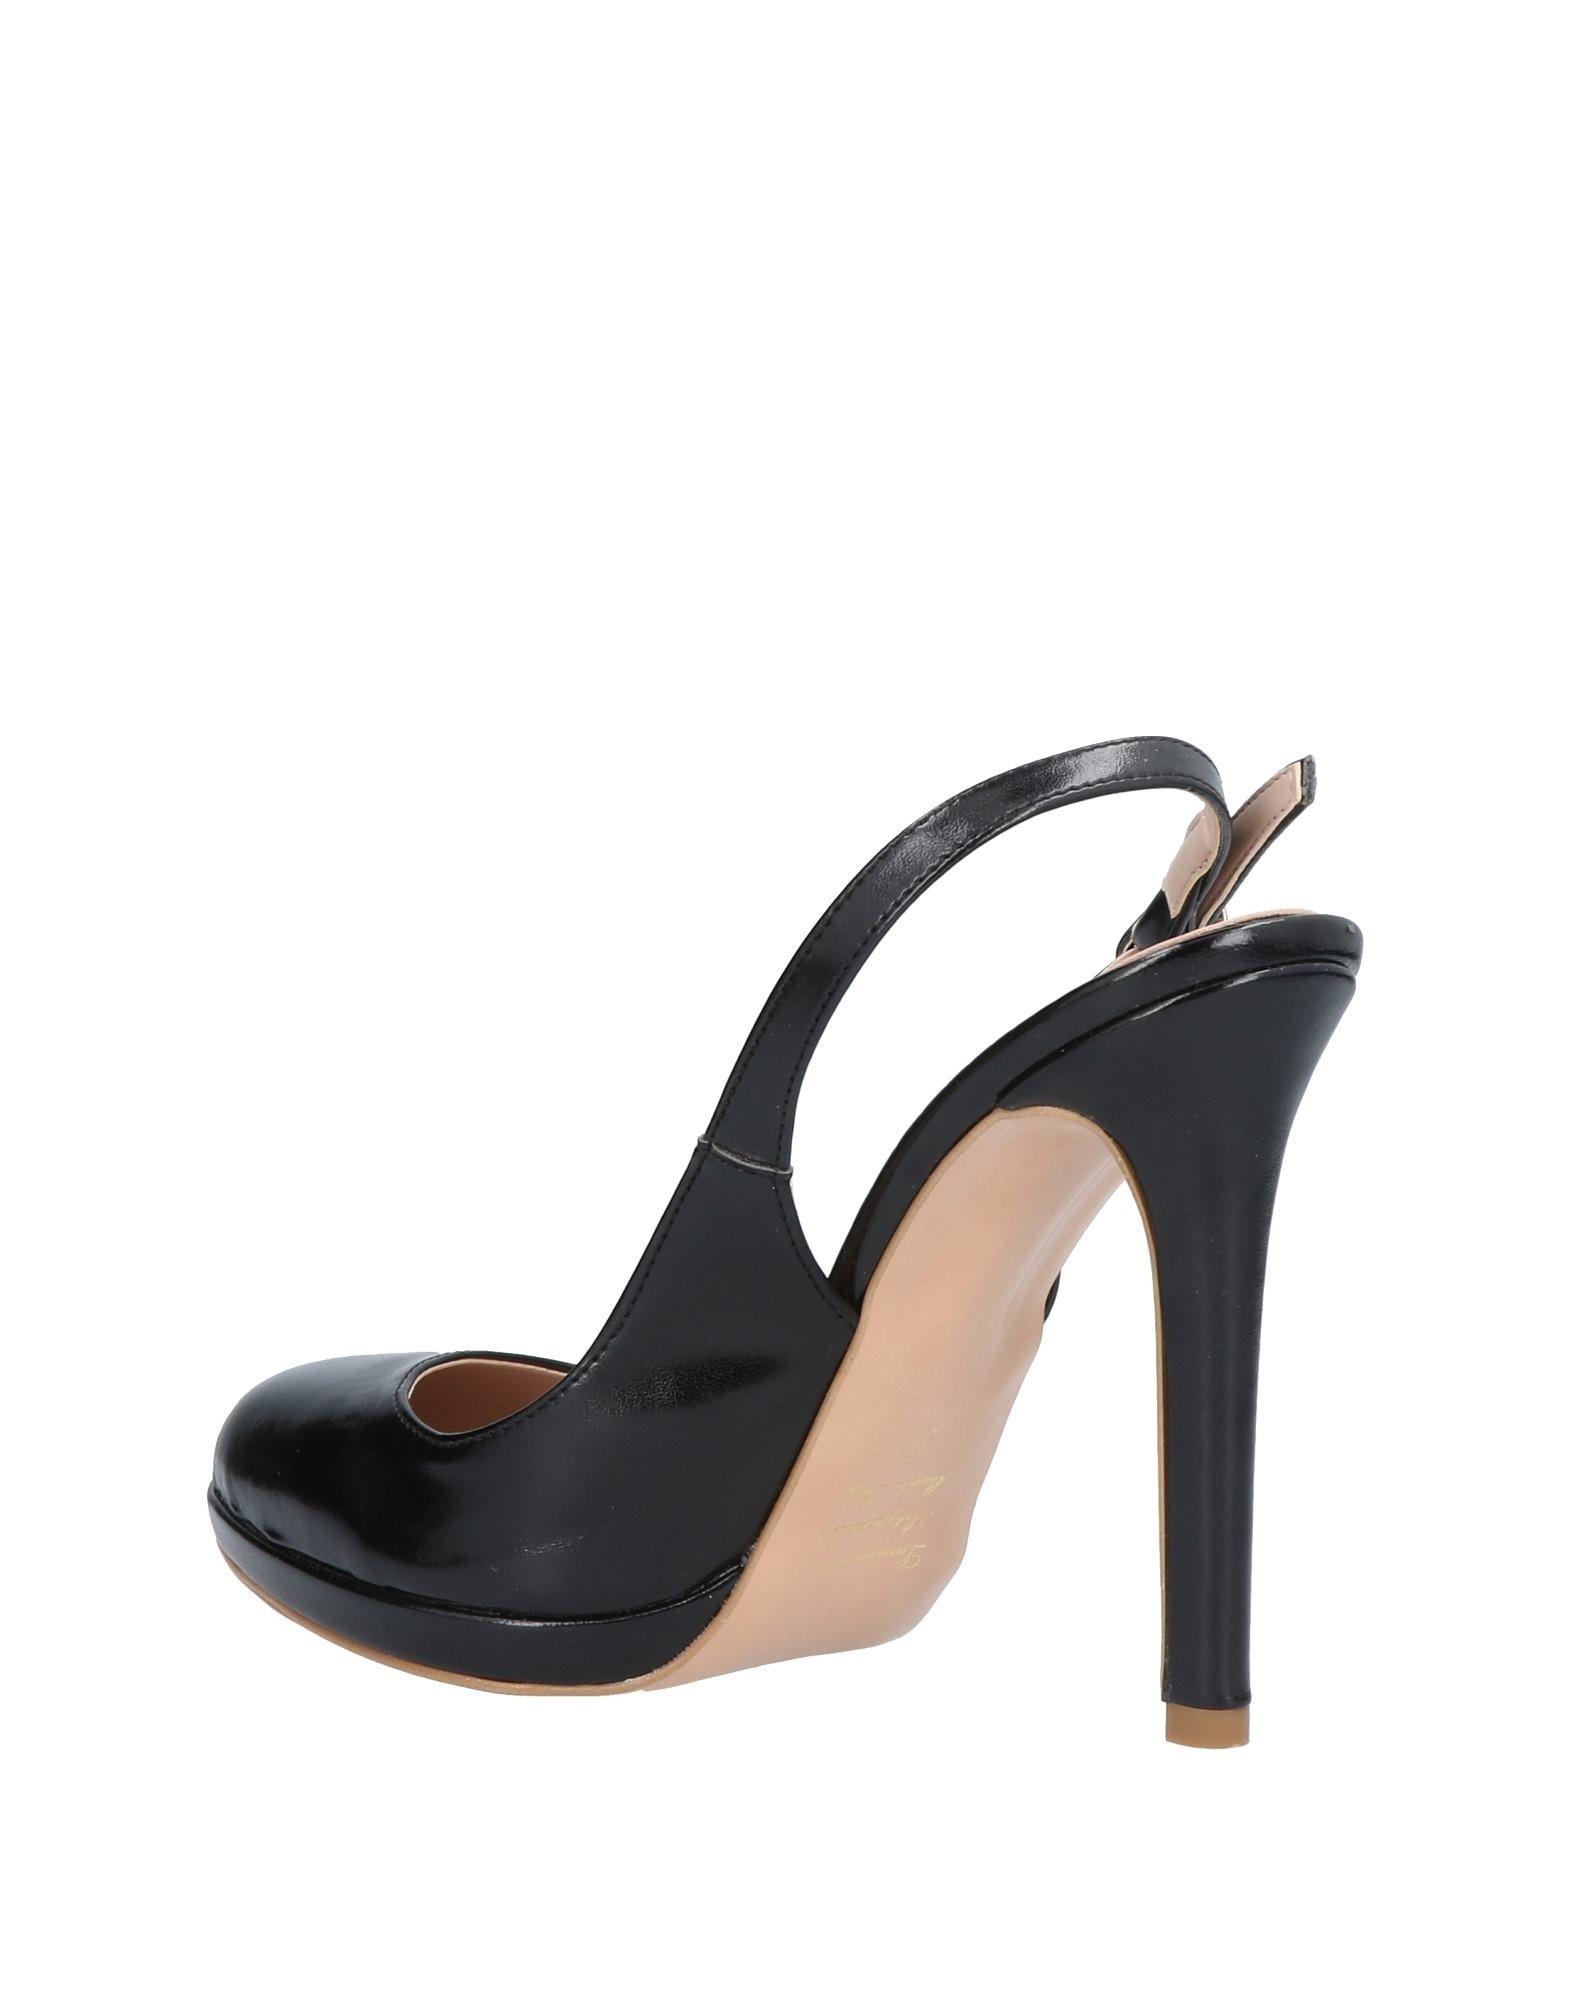 Sandro Ferrone  Pumps Damen  Ferrone 11431259JK Gute Qualität beliebte Schuhe 1ce937